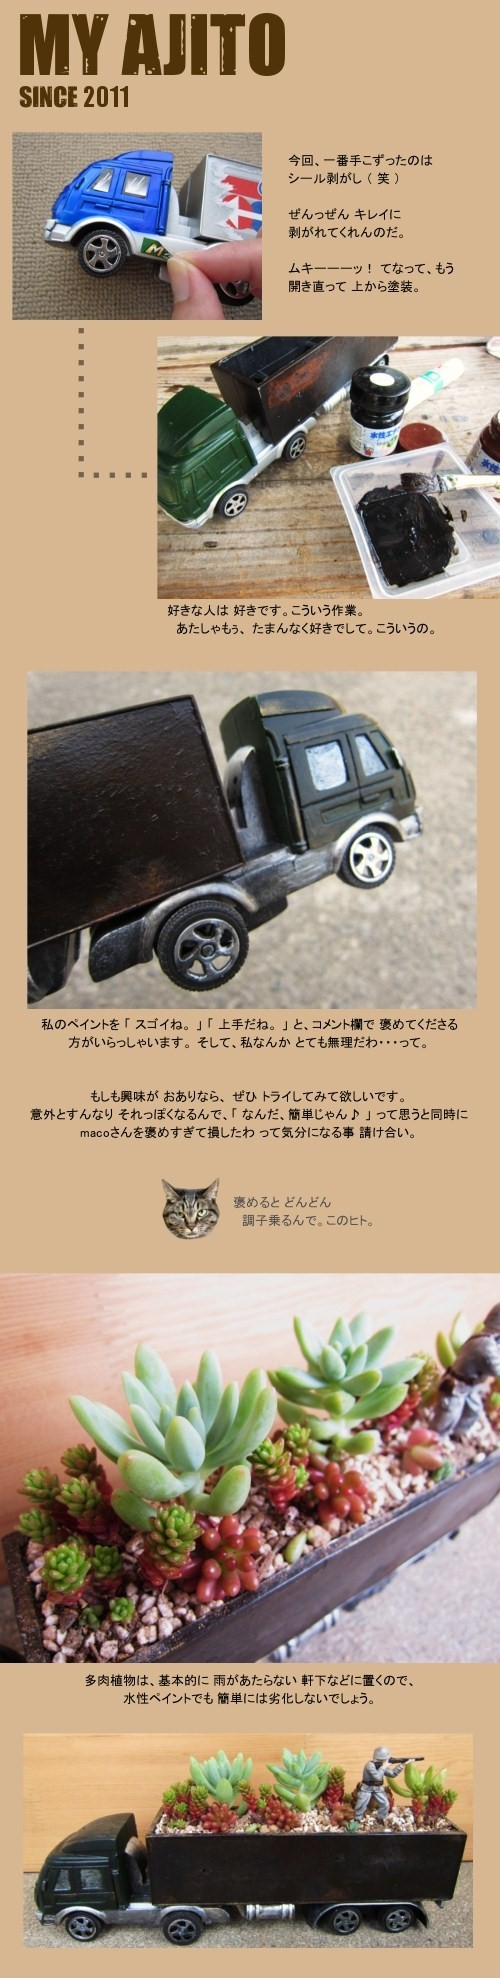 tre_4.jpg